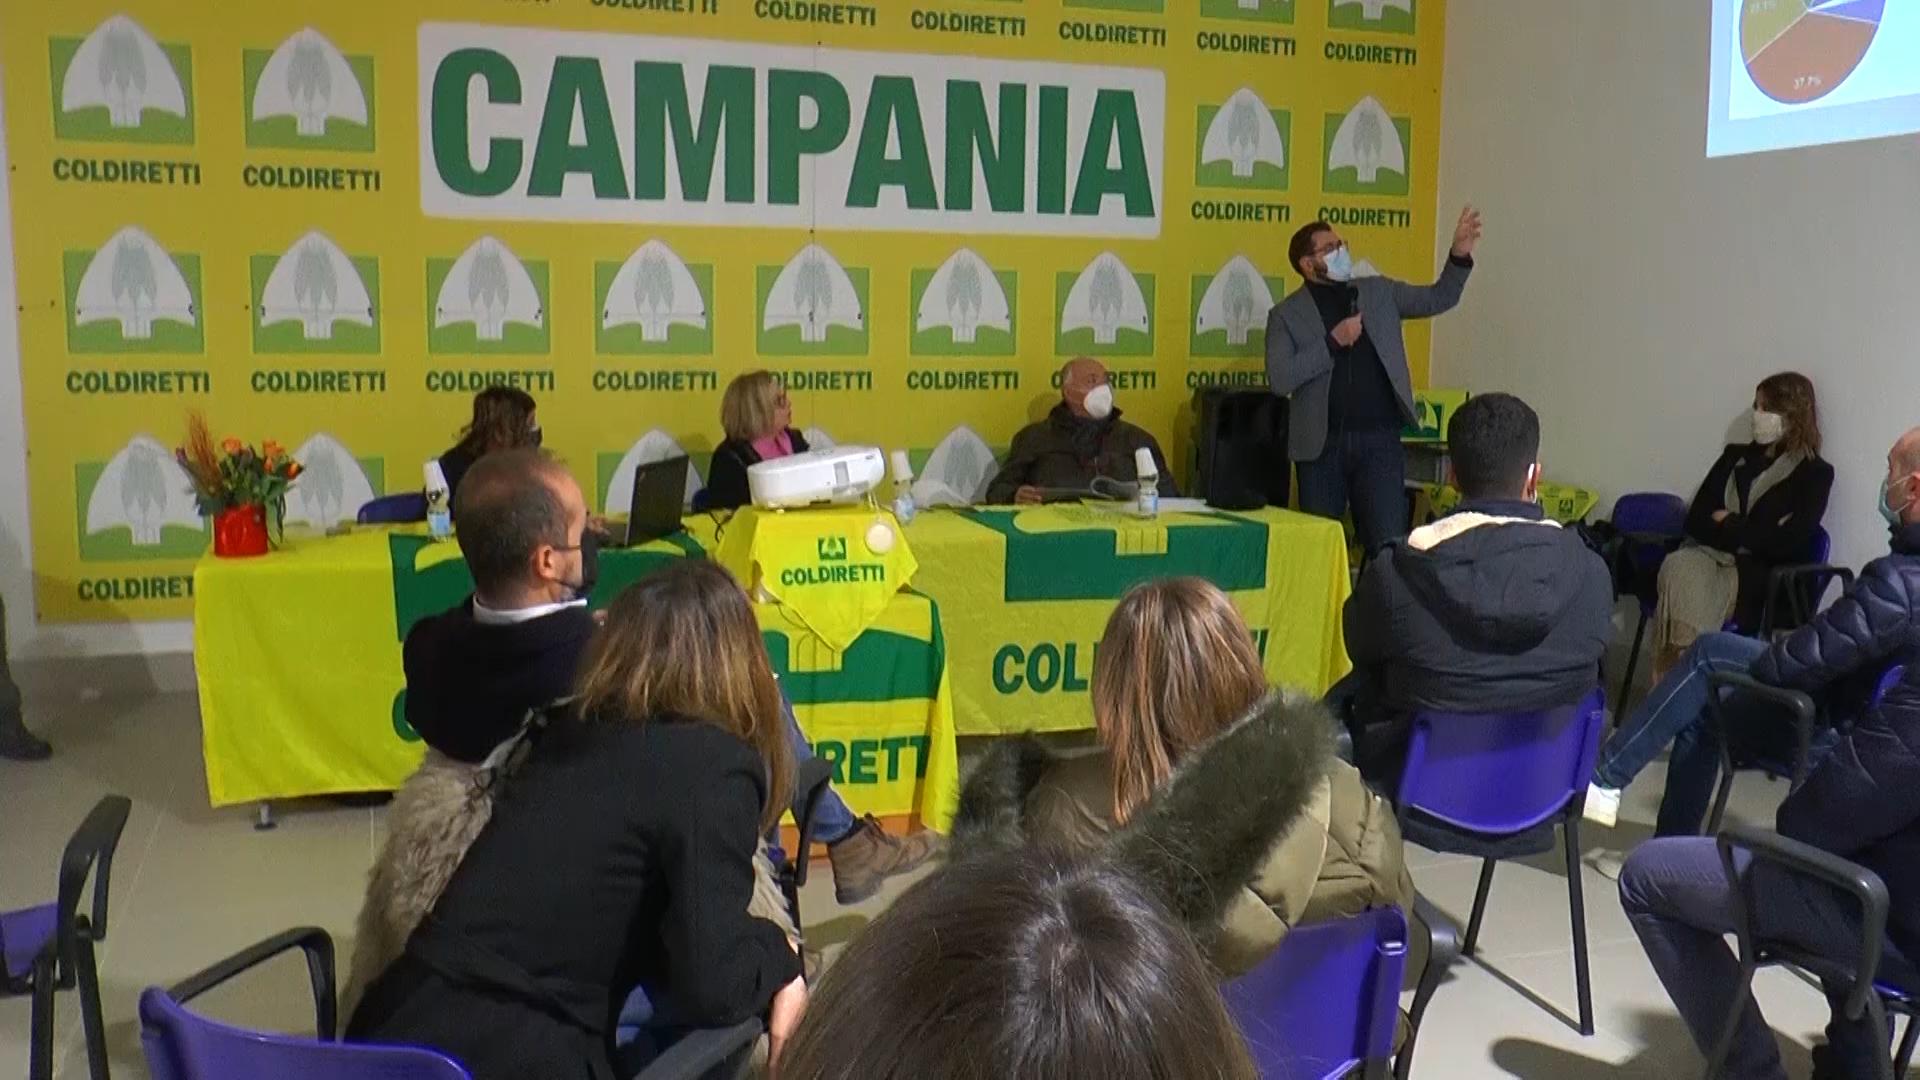 Rapporto Coldiretti Campania: agricoltura innovativa, smart e attenta all'ambiente